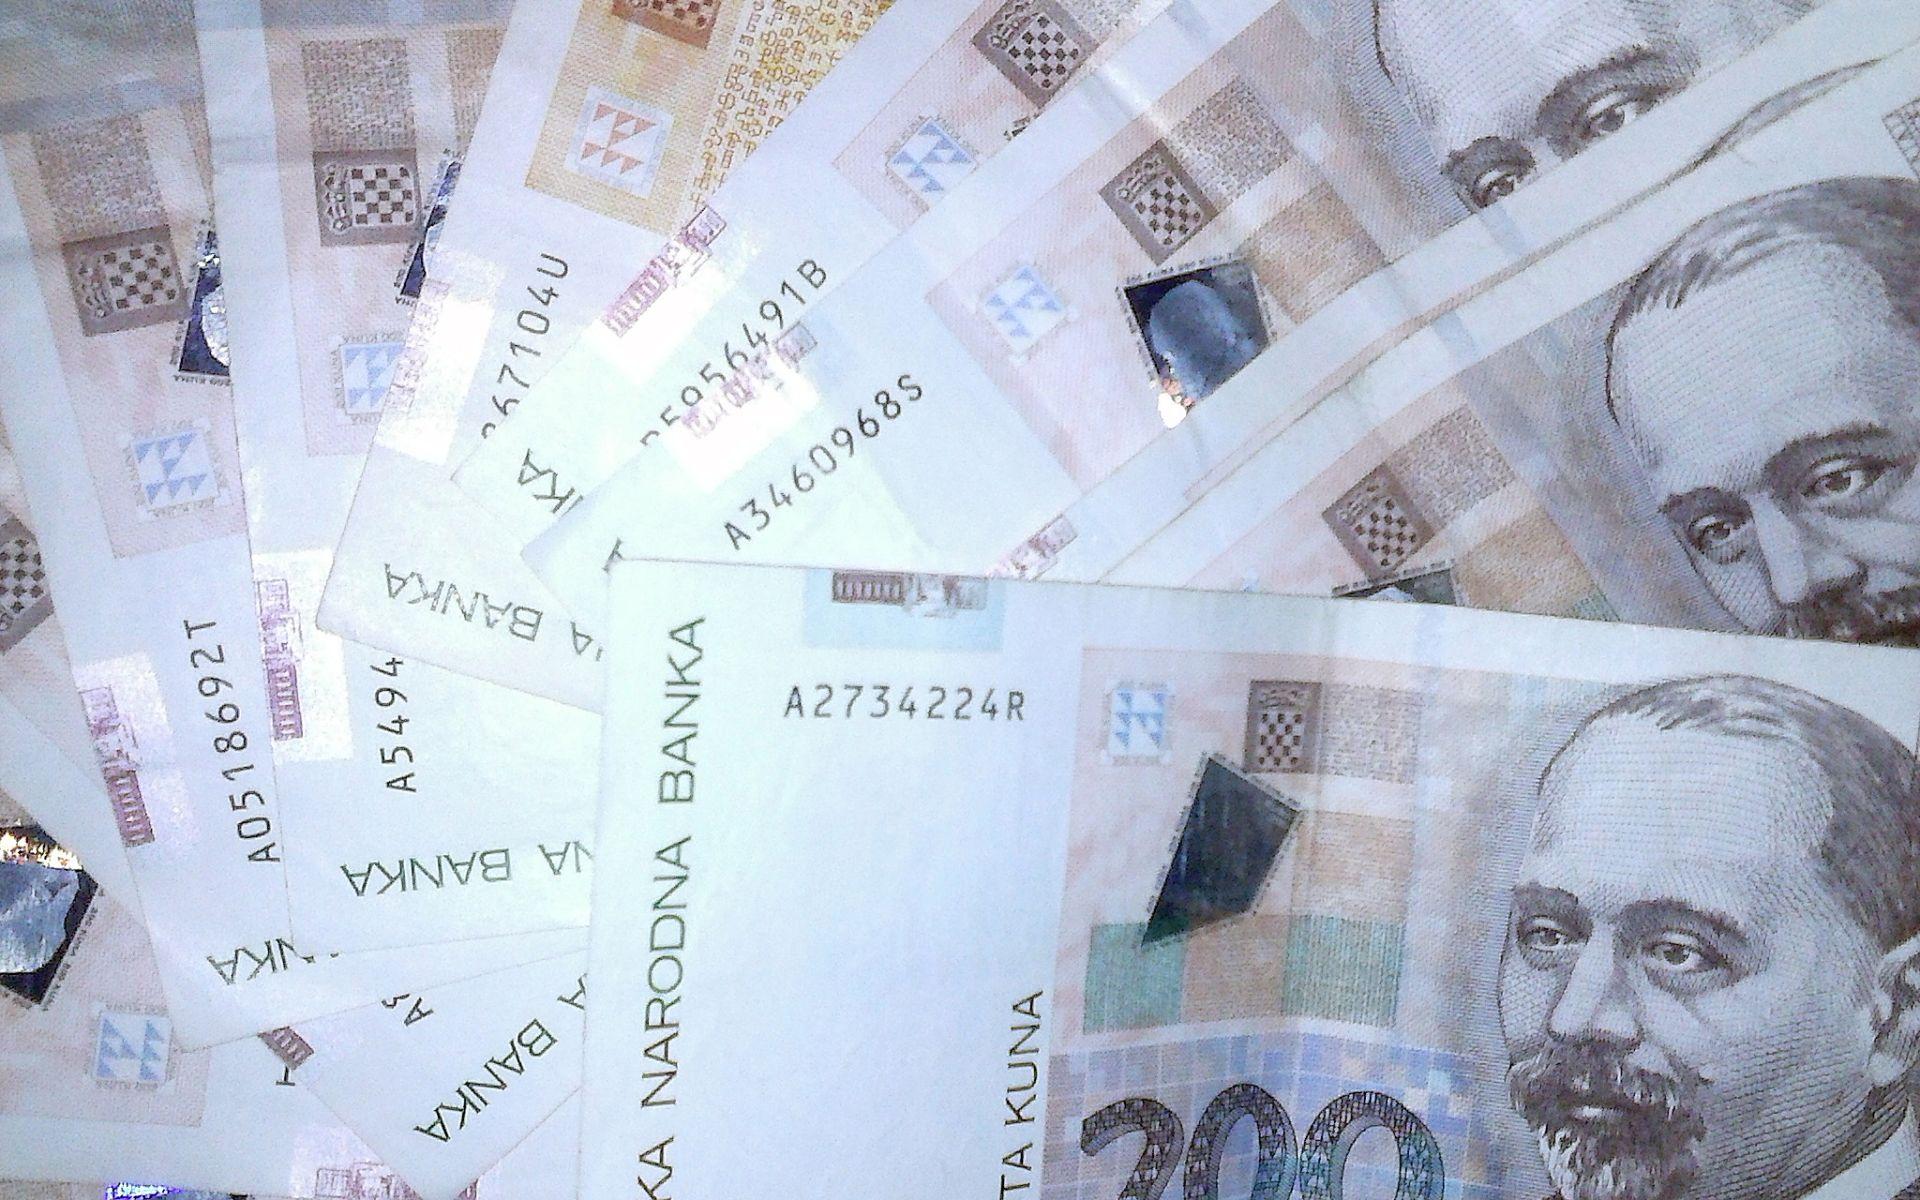 Strankama i nezavisnim zastupnicima ove godine za rad 51 milijun kuna